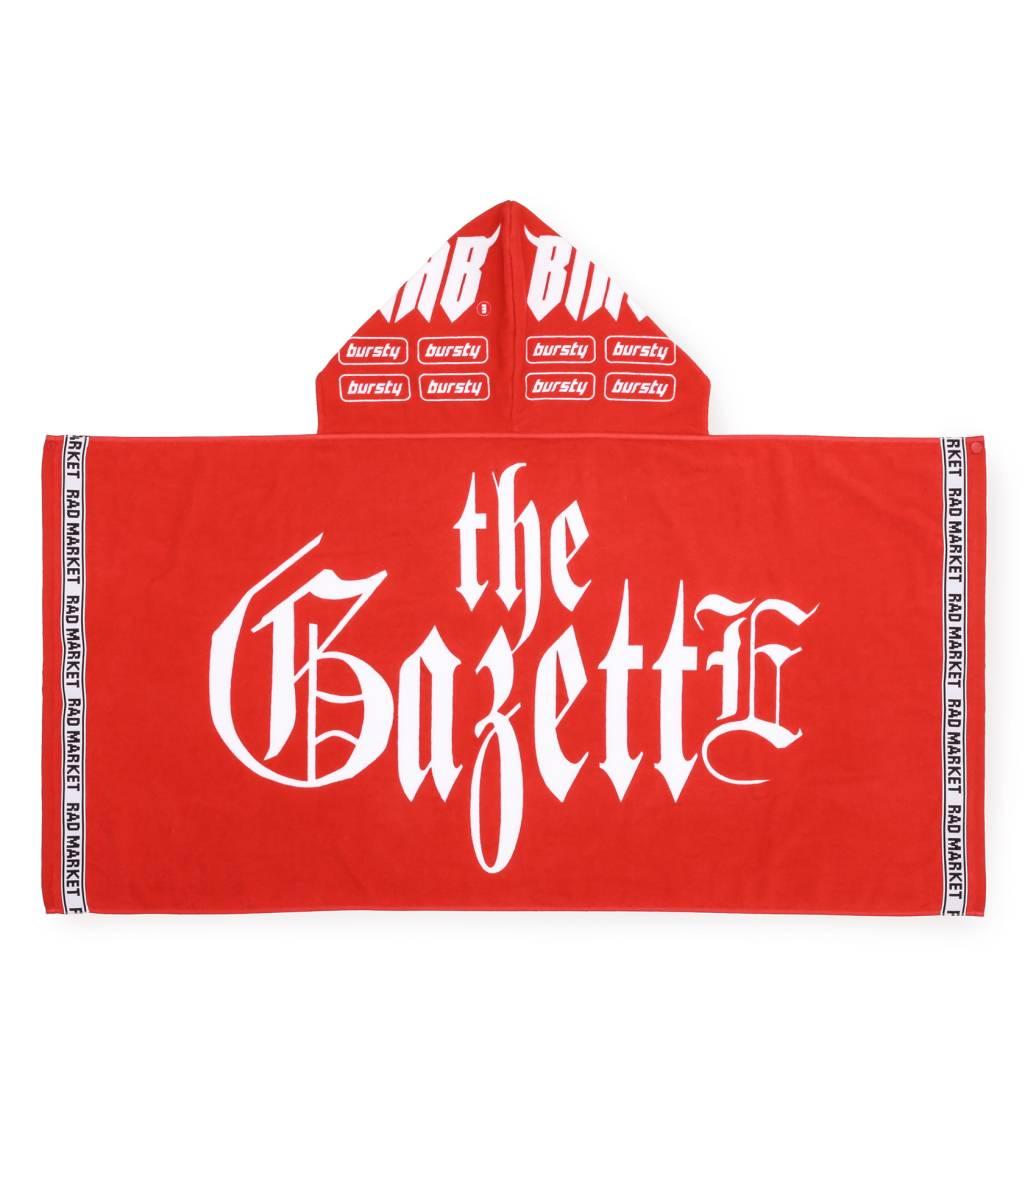 未開封 the GazettE フードタオル 富士急 ロゴ ガゼット グッズ タオル 新品 再販なし限定販売